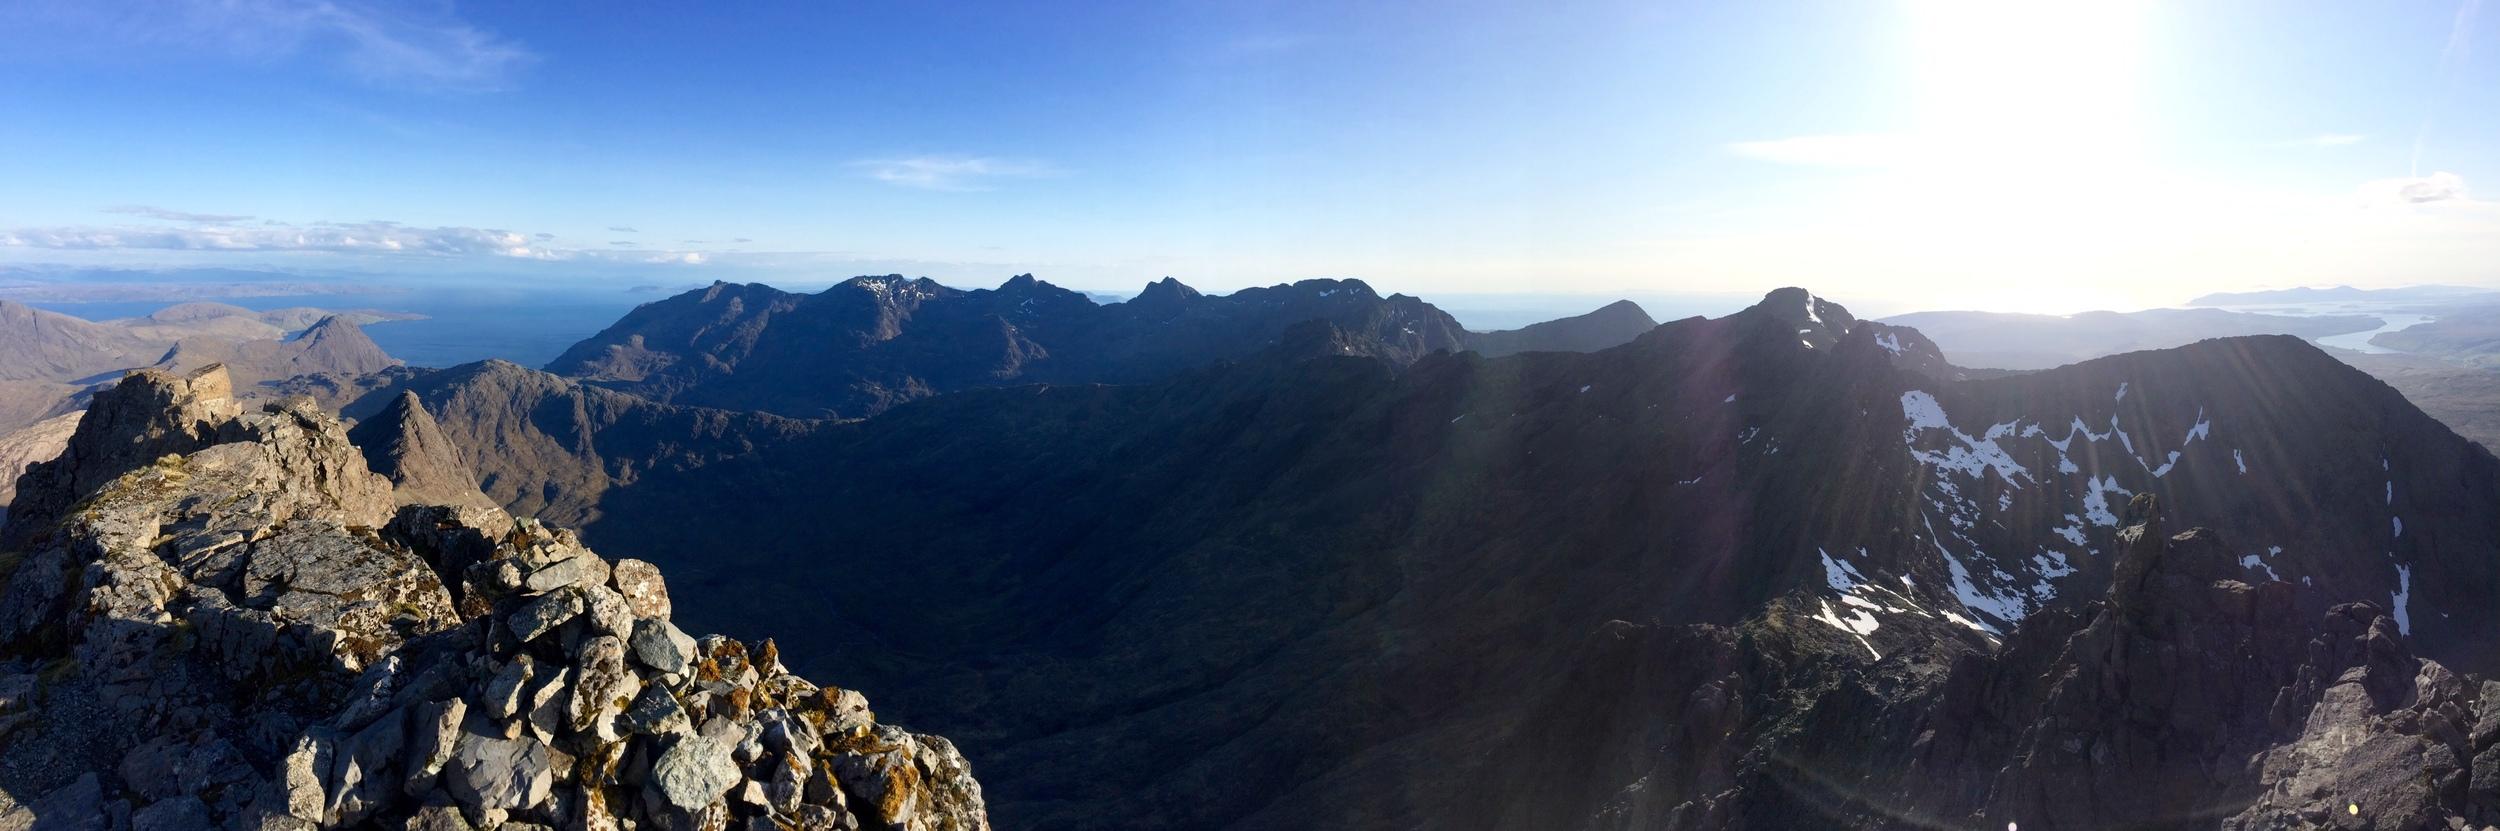 The amazing Skye Ridge